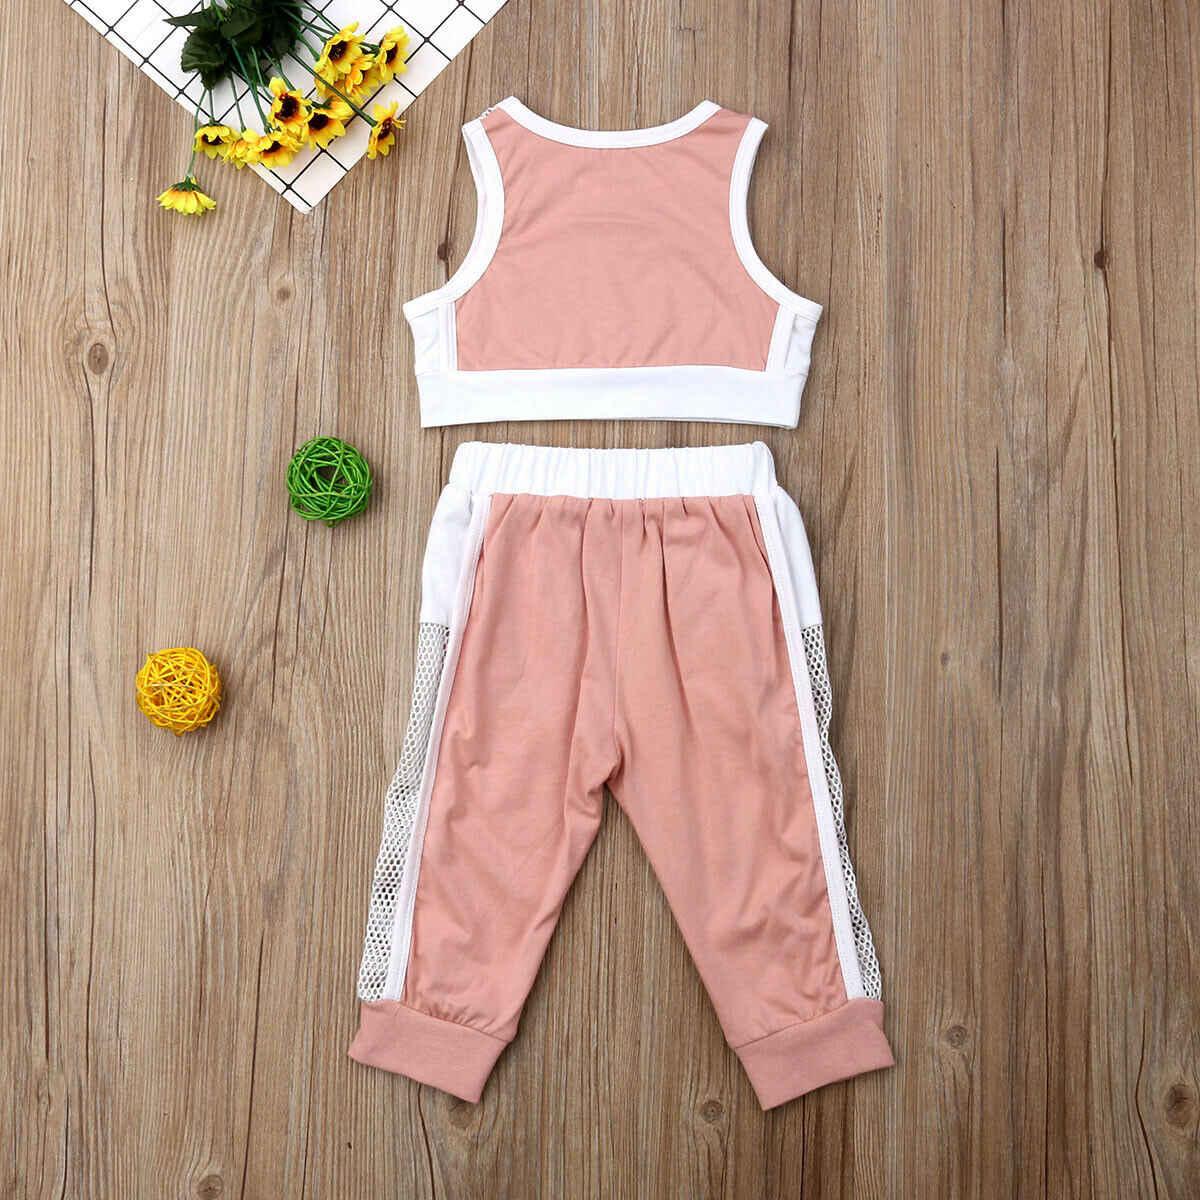 Été bambin filles vêtements ensembles rose sport gilet réservoir hauts + longs pantalons tenues ensemble survêtement